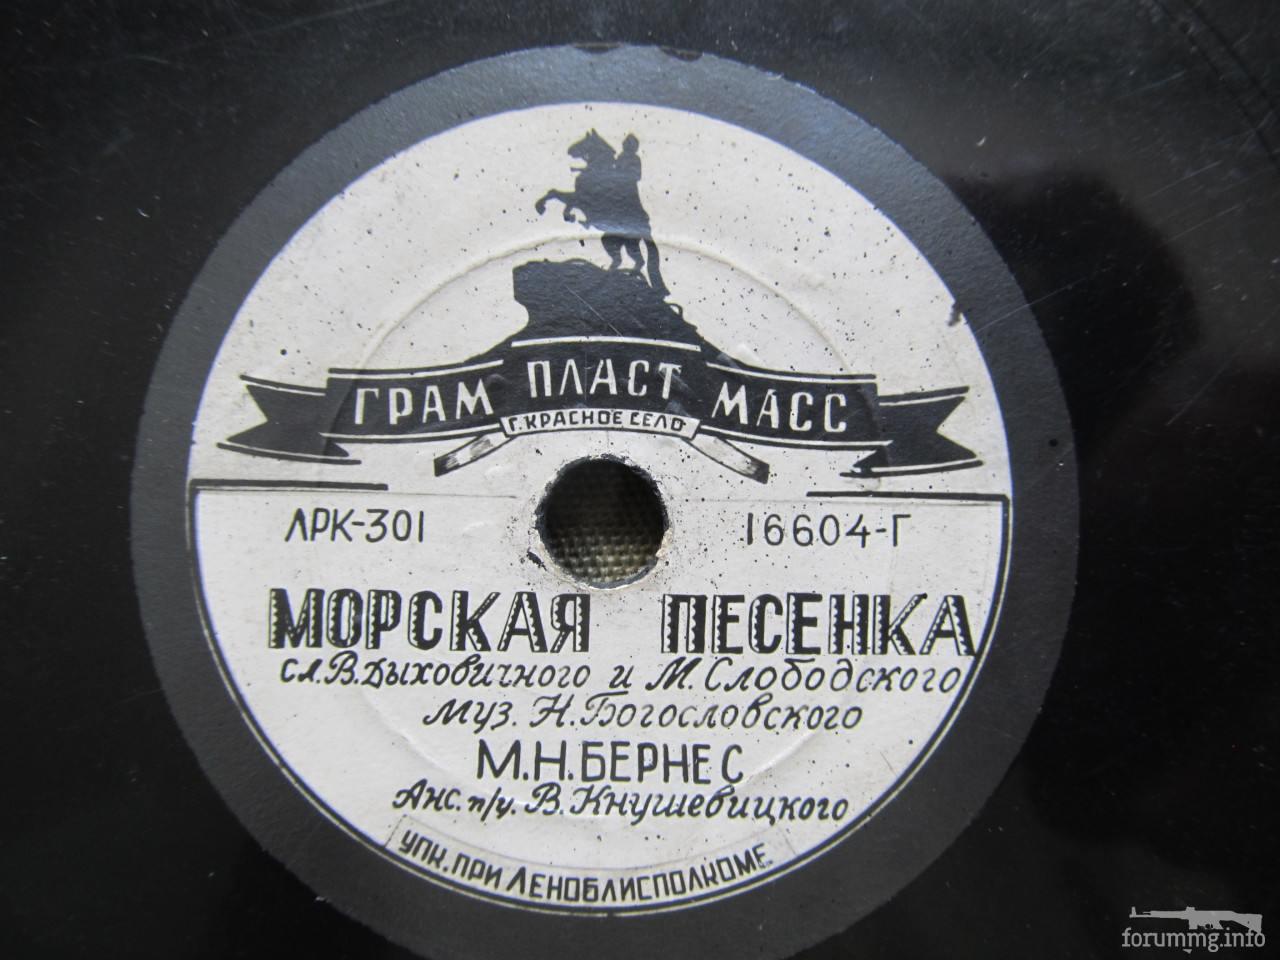 138234 - Міні-колекція патефонних пластів